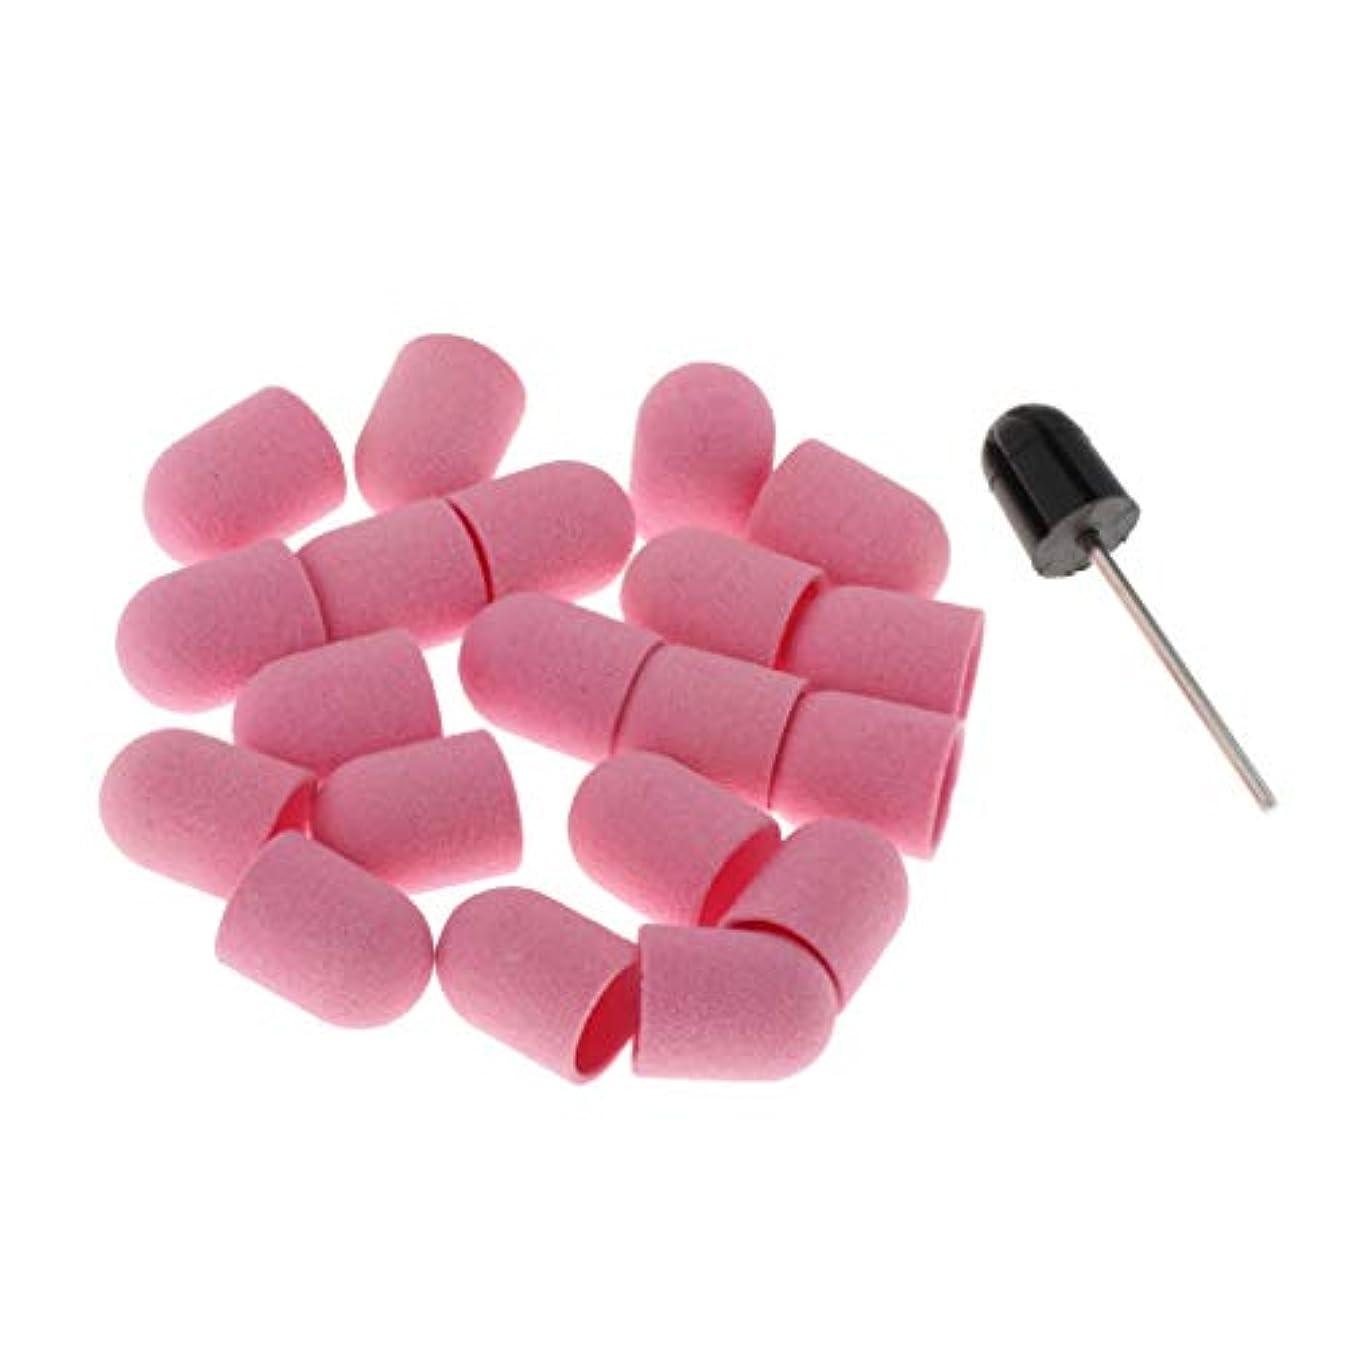 盗賊どういたしまして辞書CUTICATE ネイルアートツール ネイルドリルビット 研磨ビット 爪磨き ネイルサンディングキャップ付き 約21点 全5色 - ピンク